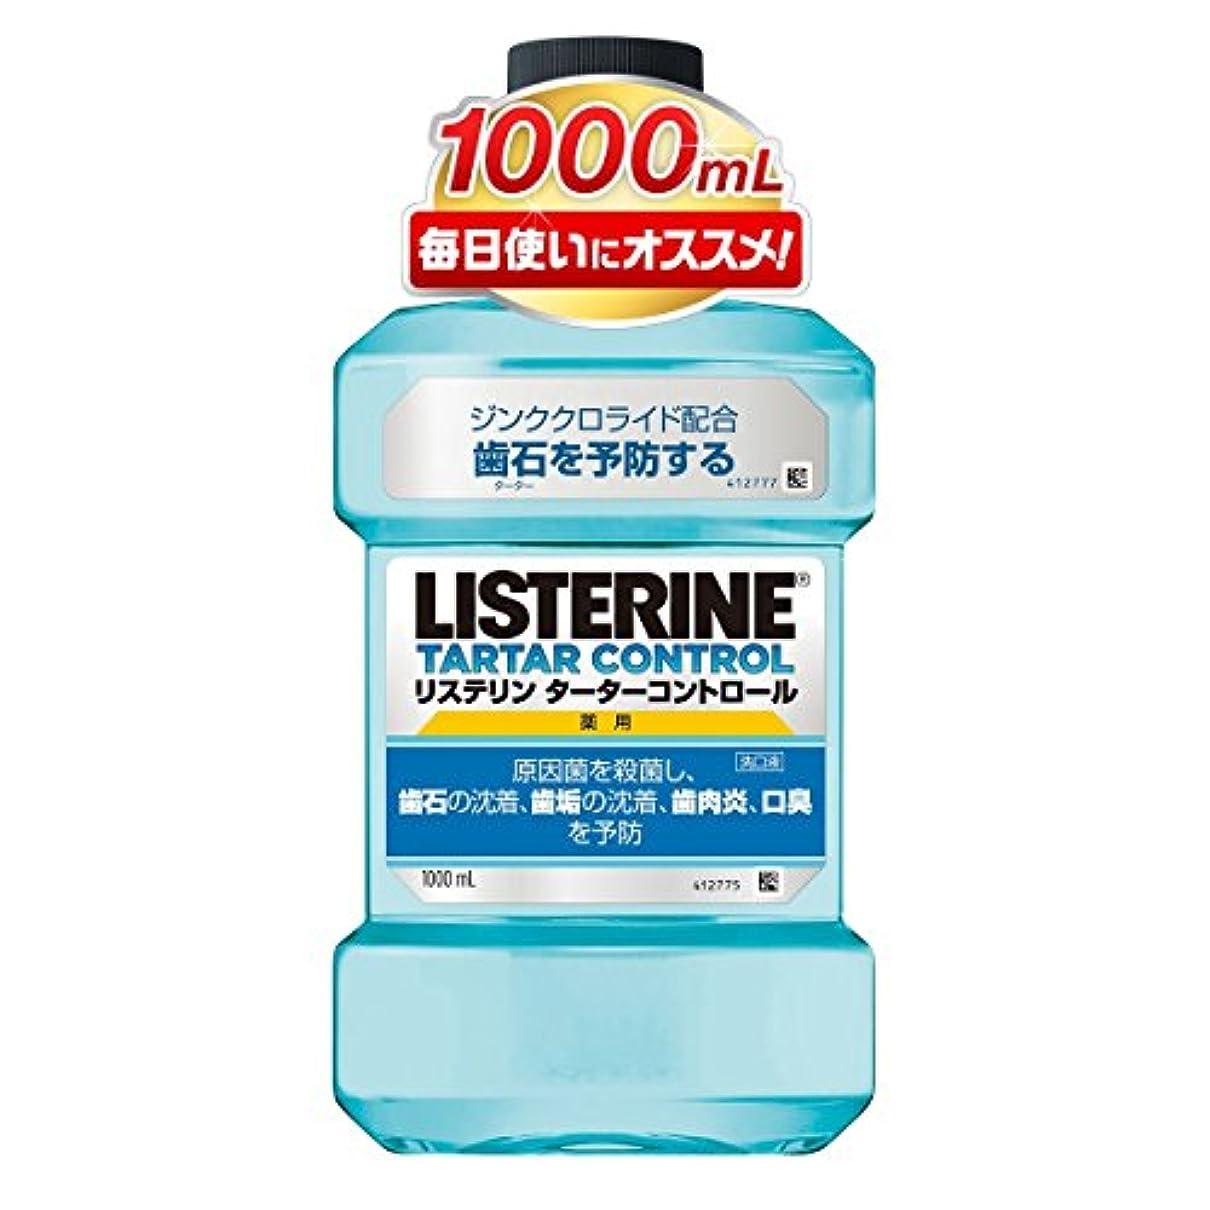 バースト参照一杯[医薬部外品] 薬用 リステリン マウスウォッシュ ターターコントロール 1000mL